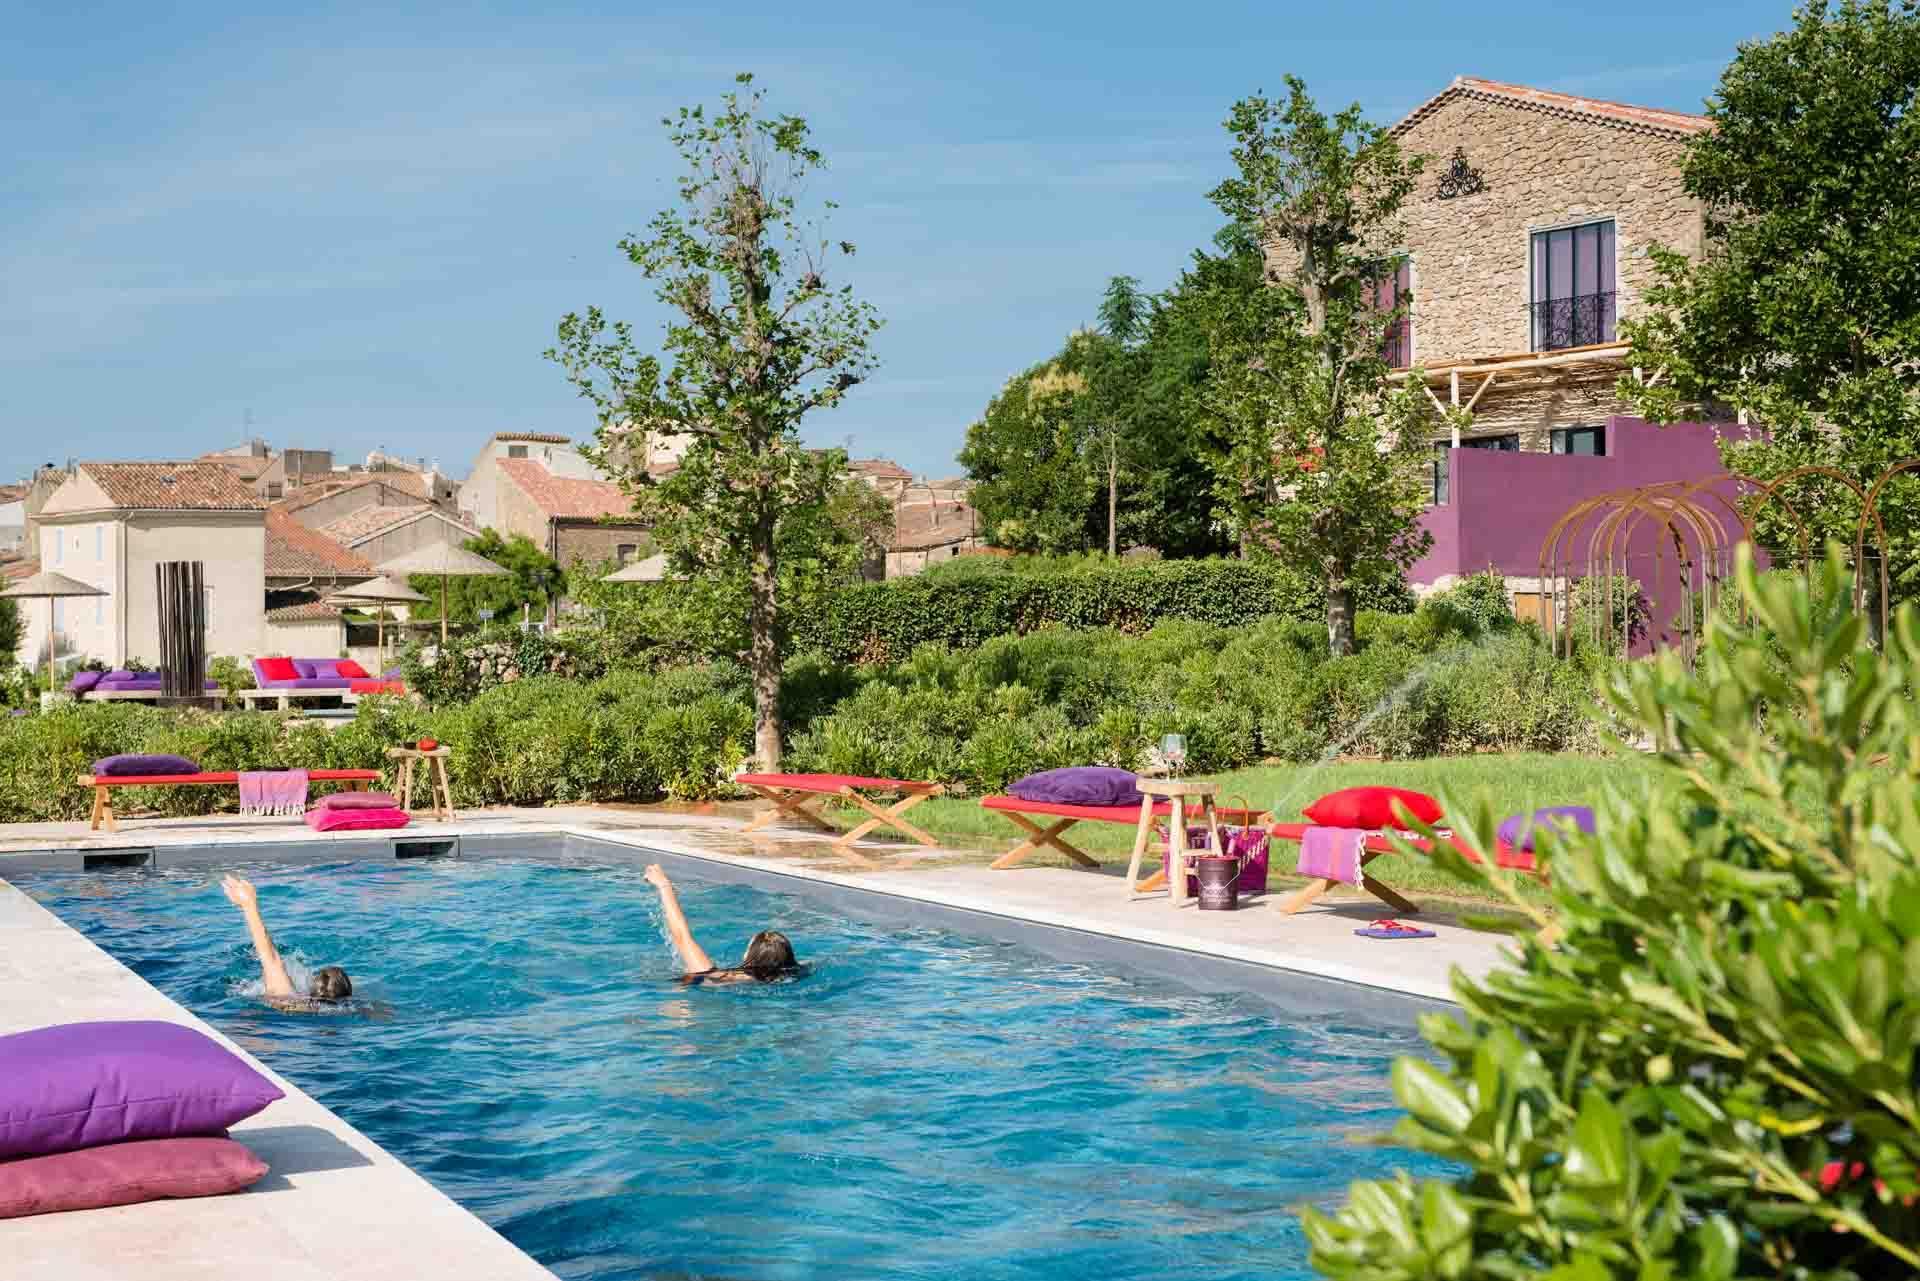 La Maison des Amis et ses deux piscines accessibles aux hôtes © DR